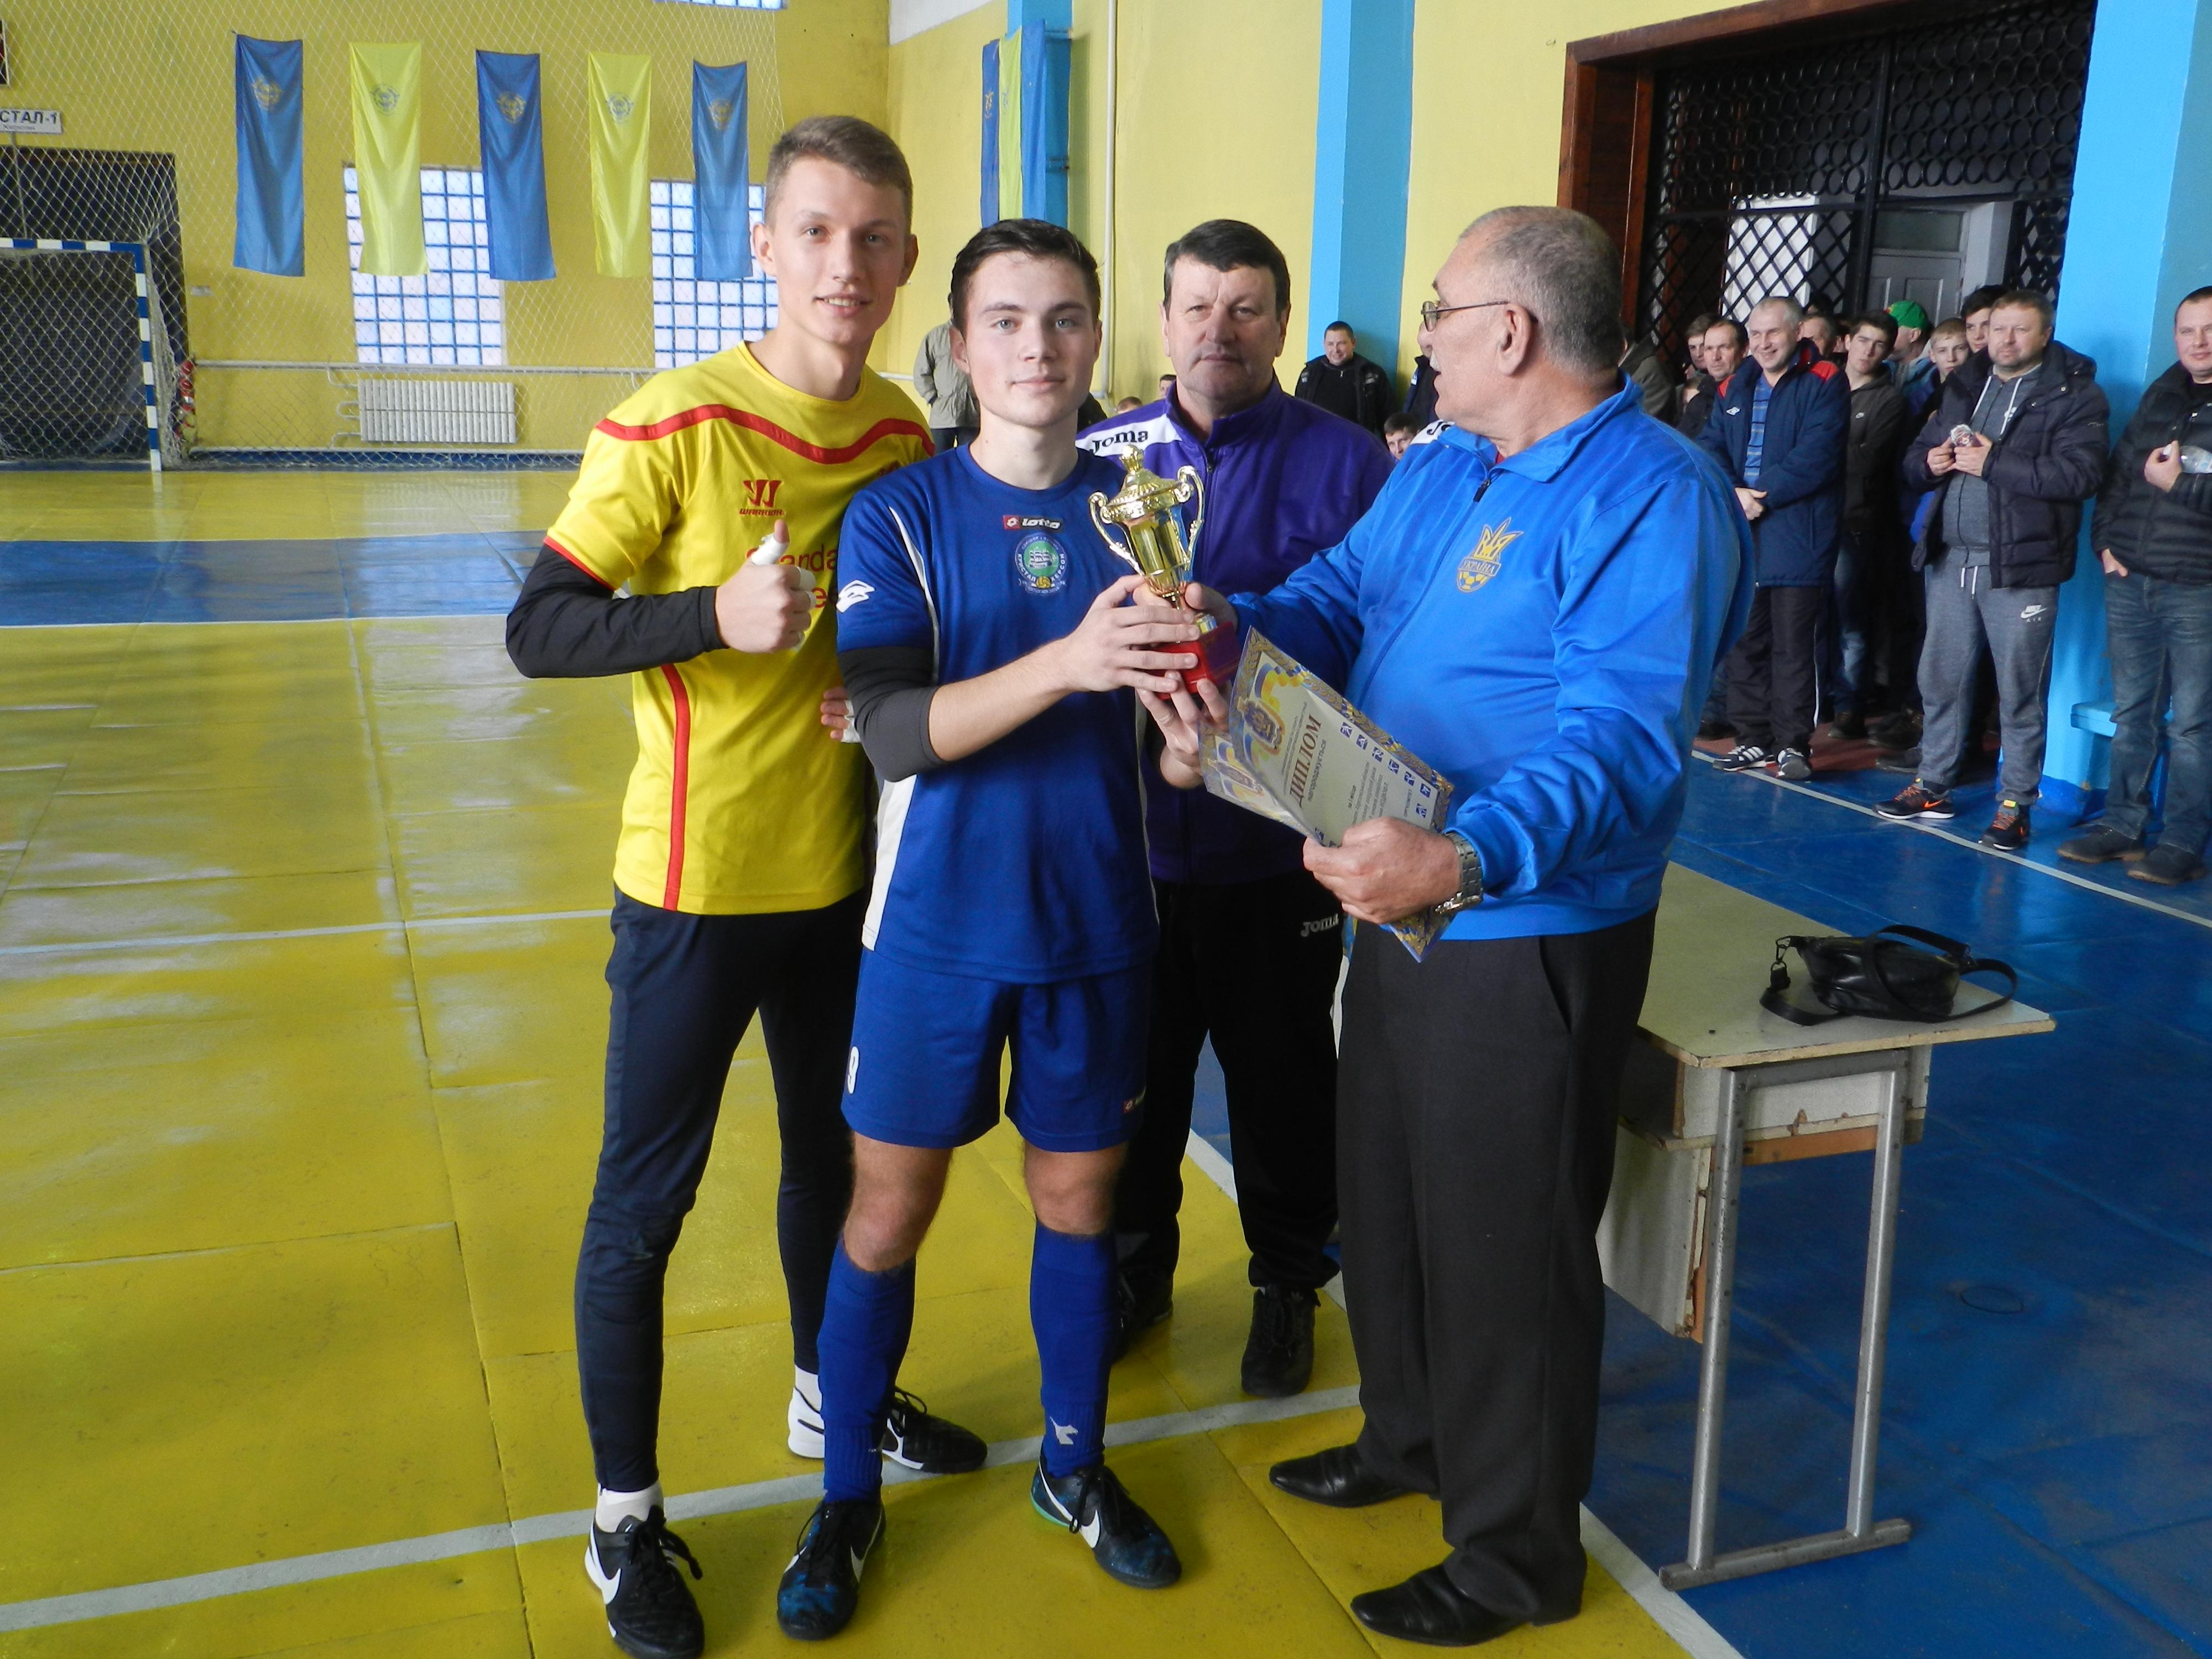 Підсумки проведення фінальних змагань ІІІ етапу чемпіонату області  з футзалу сезону 2015/2016 років серед команд юнаків 2000/2001 рр.н.